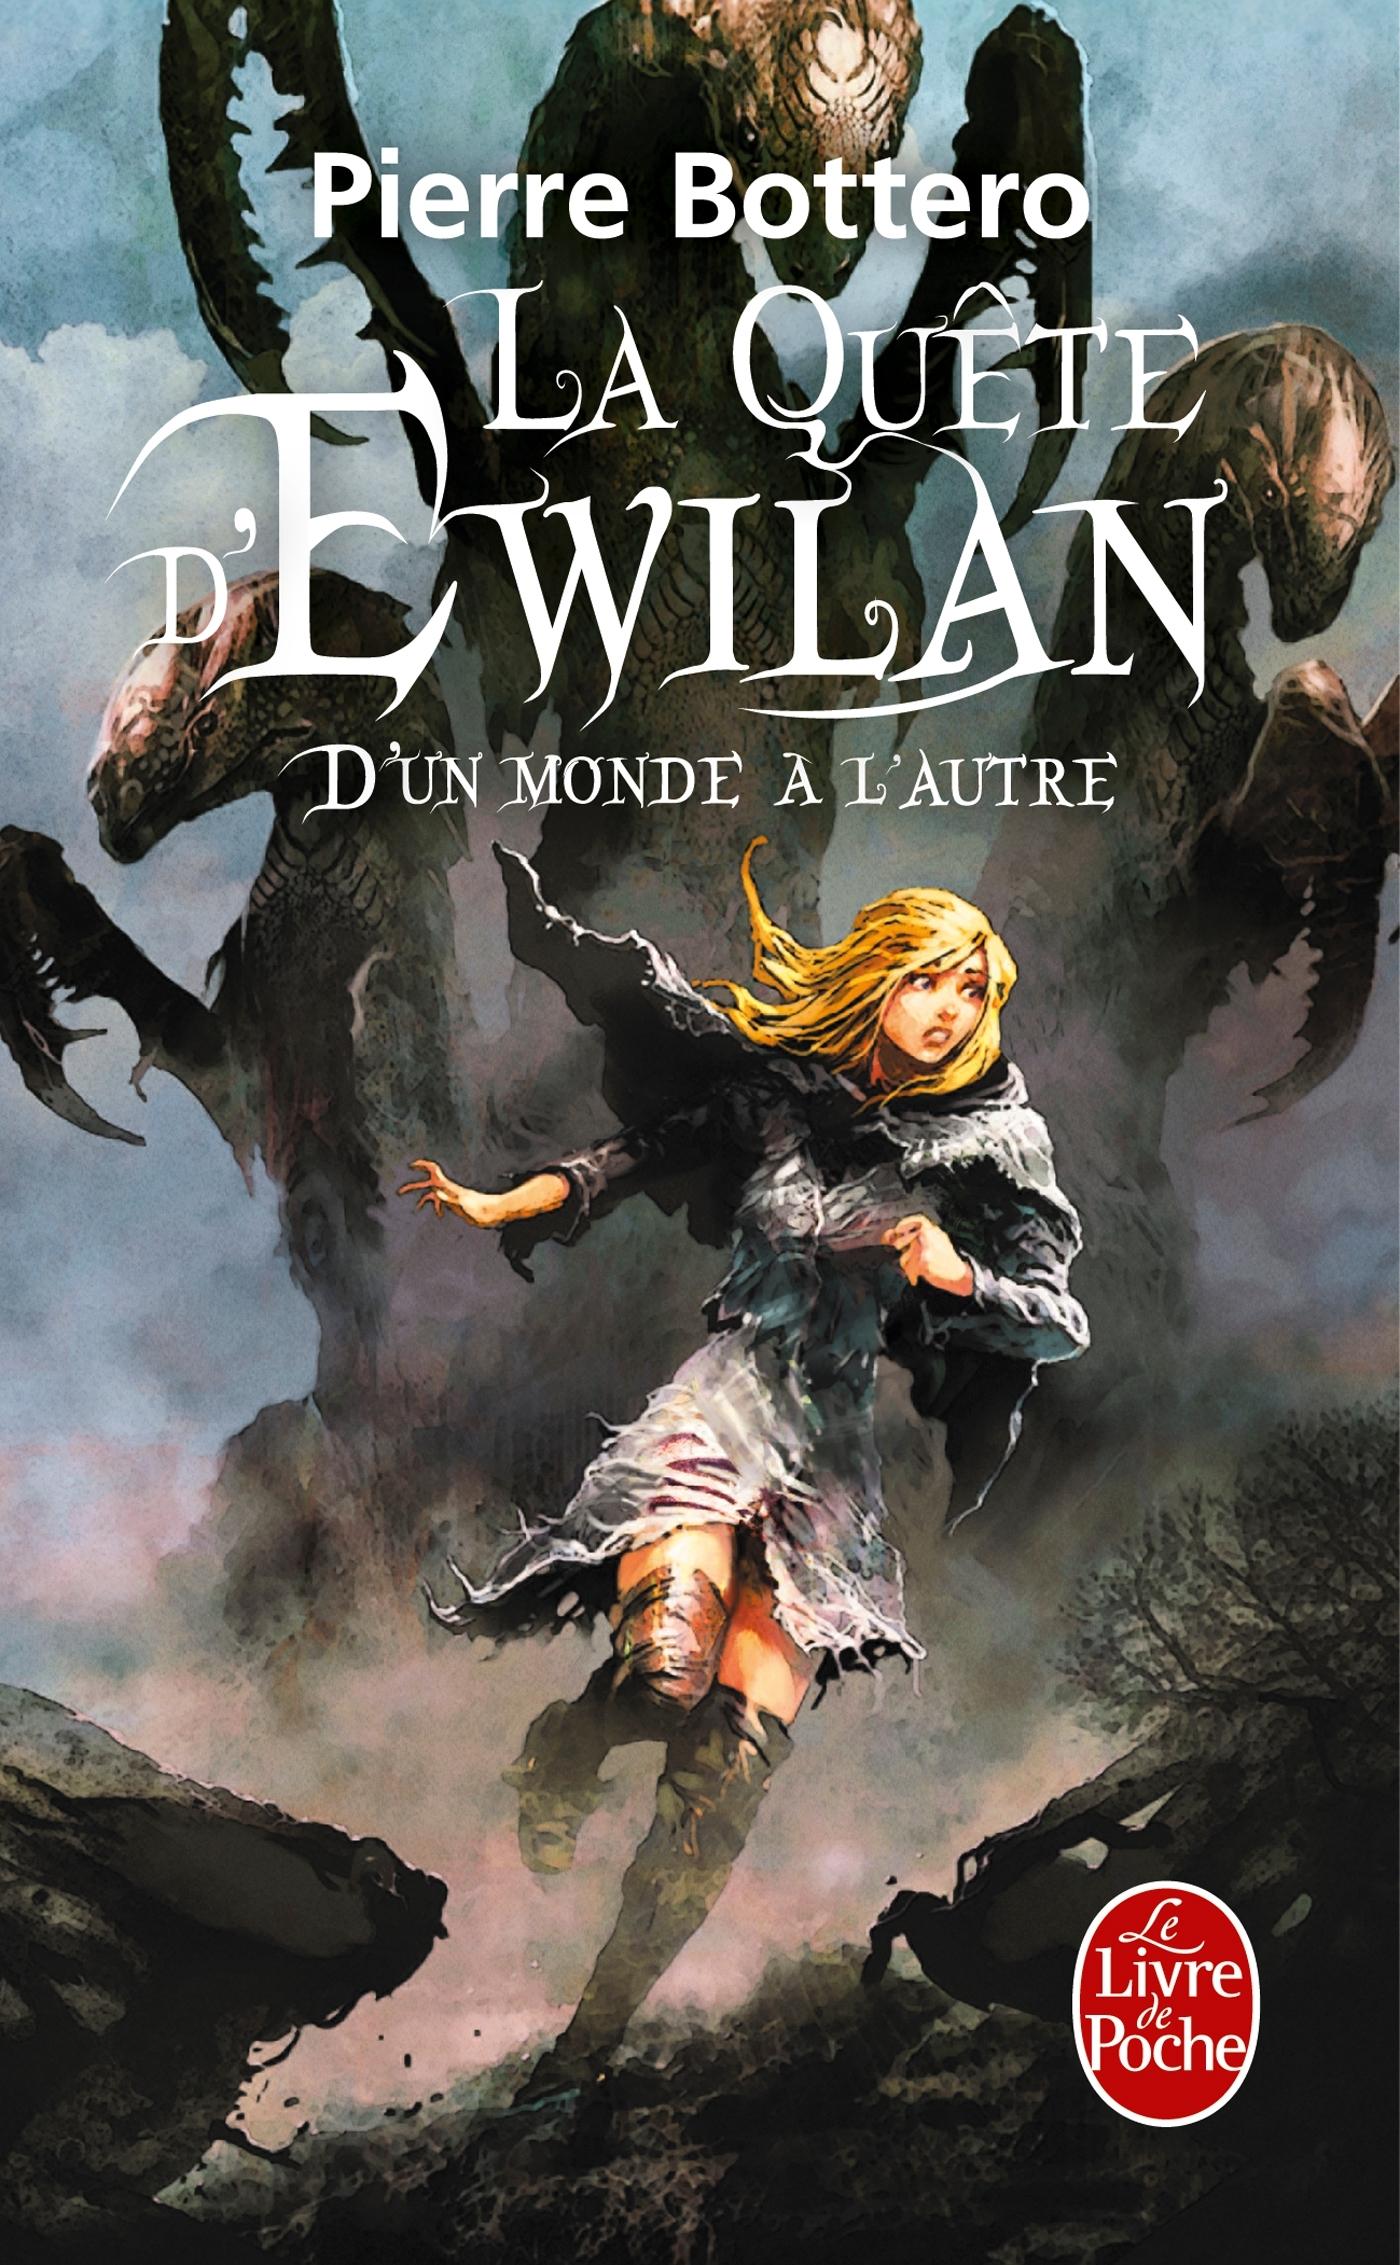 D'UN MONDE A L'AUTRE (LA QUETE D'EWILAN, TOME 1)